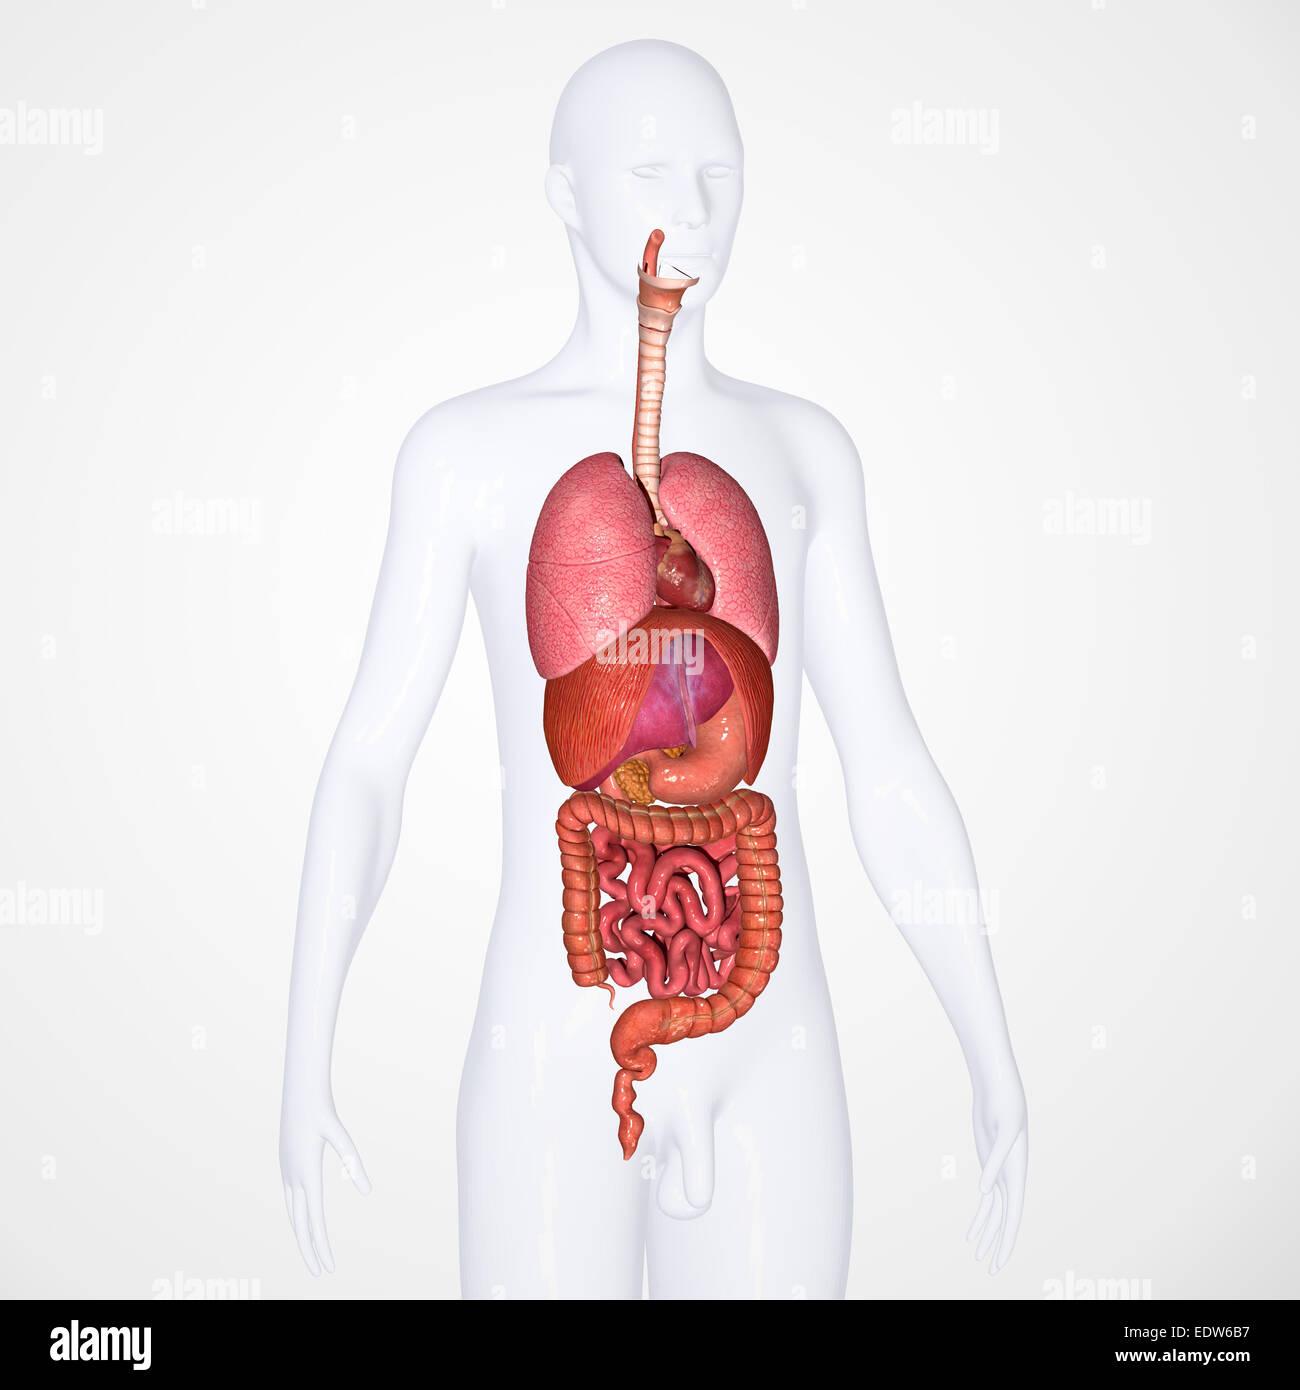 Human Tongue Anatomical Stockfotos & Human Tongue Anatomical Bilder ...